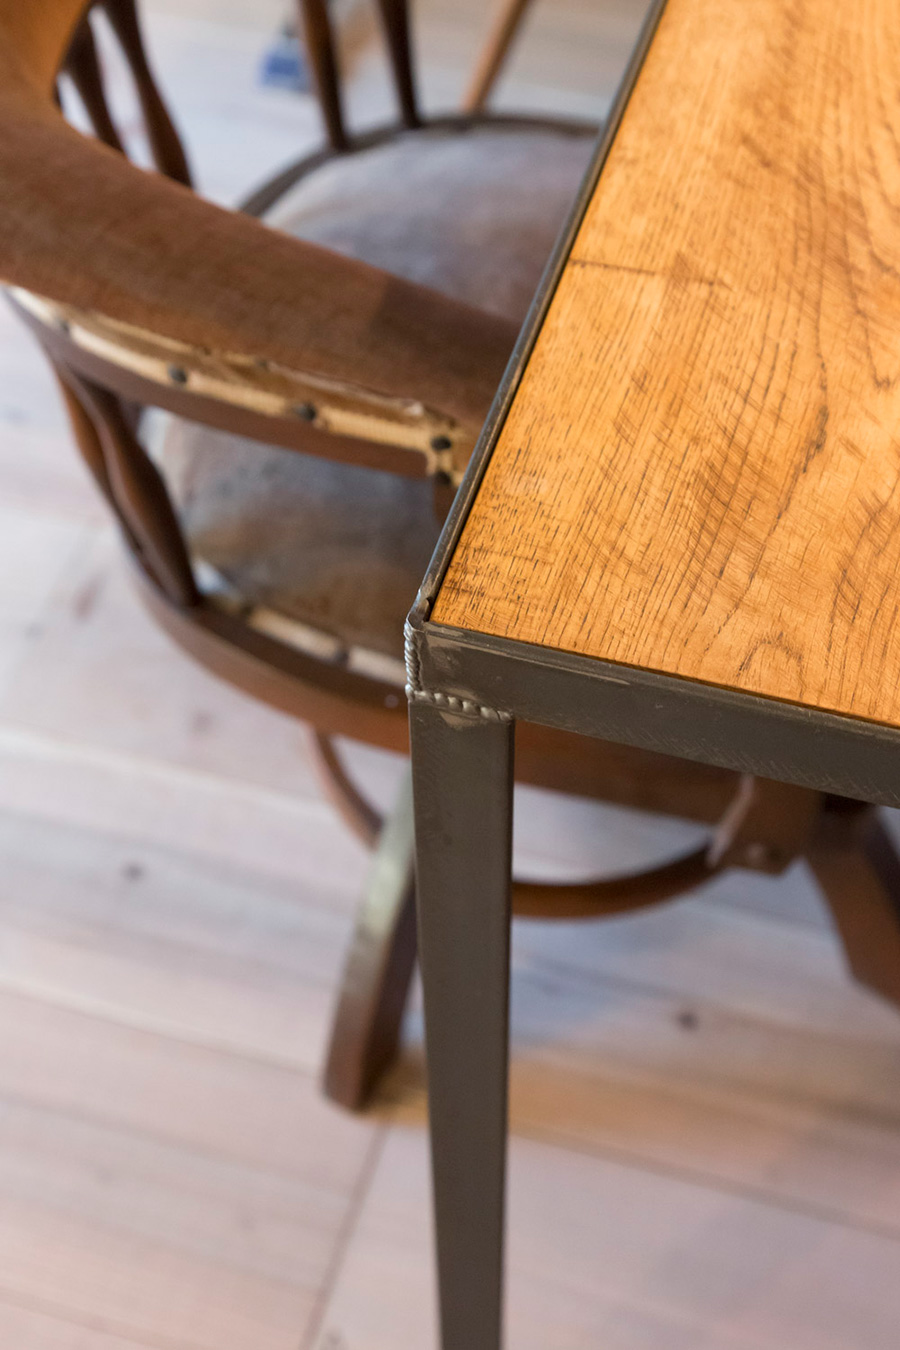 アイアンの脚と木の天板のインダストリアルな雰囲気のテーブルは、この家のために作ってもらったもの。